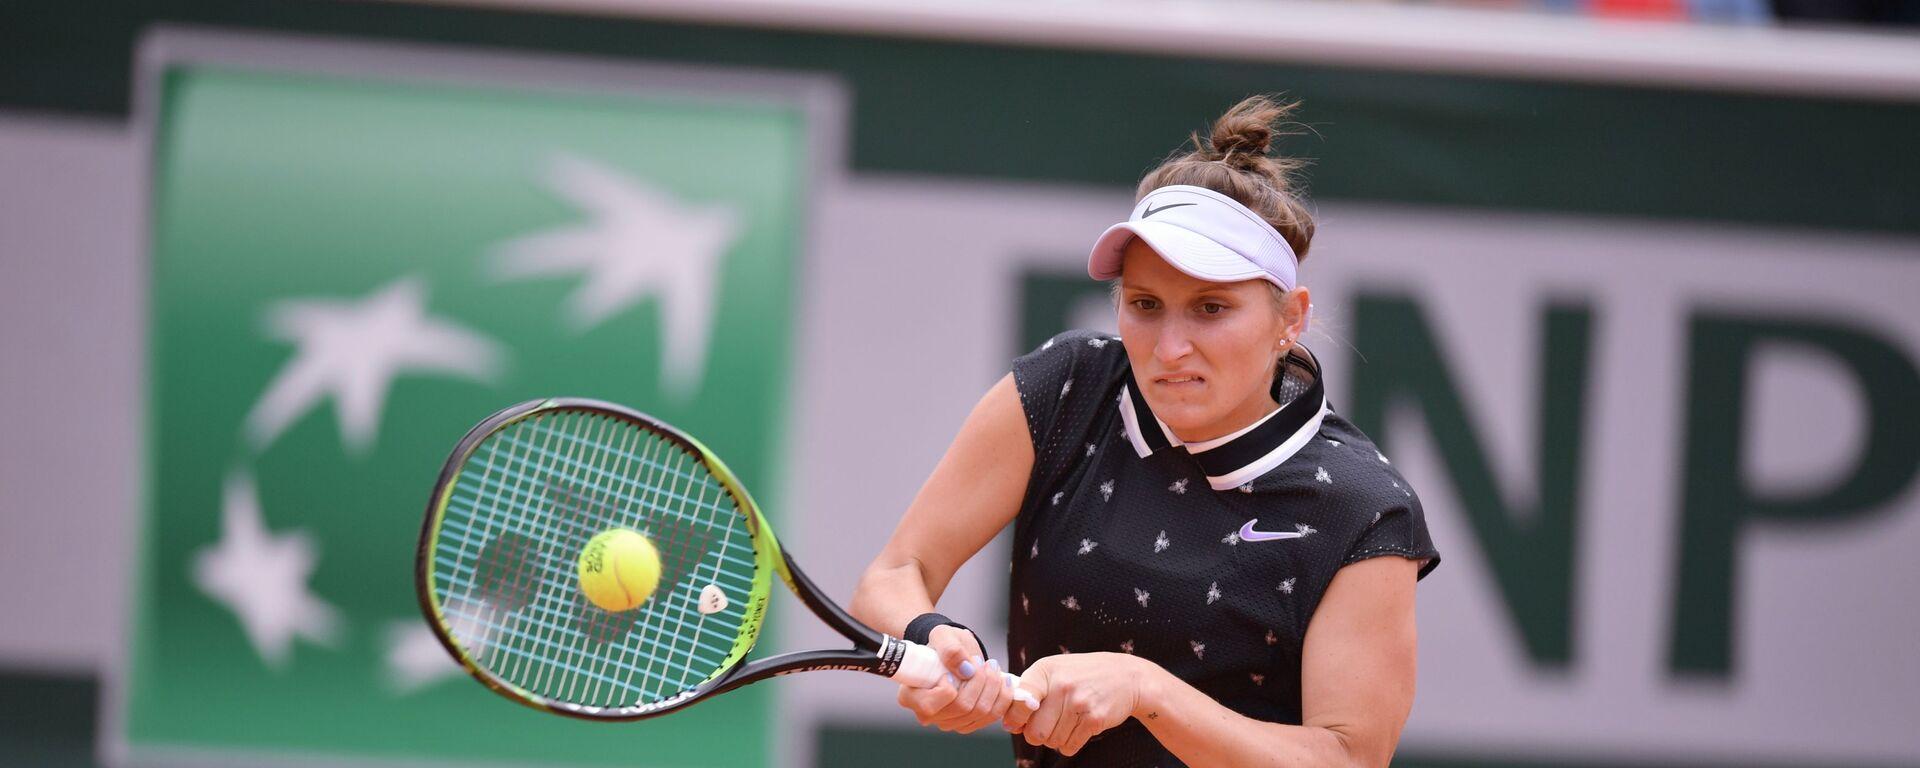 Markéta Vondroušová v semifinále Roland Garros proti Johanně Kontaové - Sputnik Česká republika, 1920, 31.07.2021